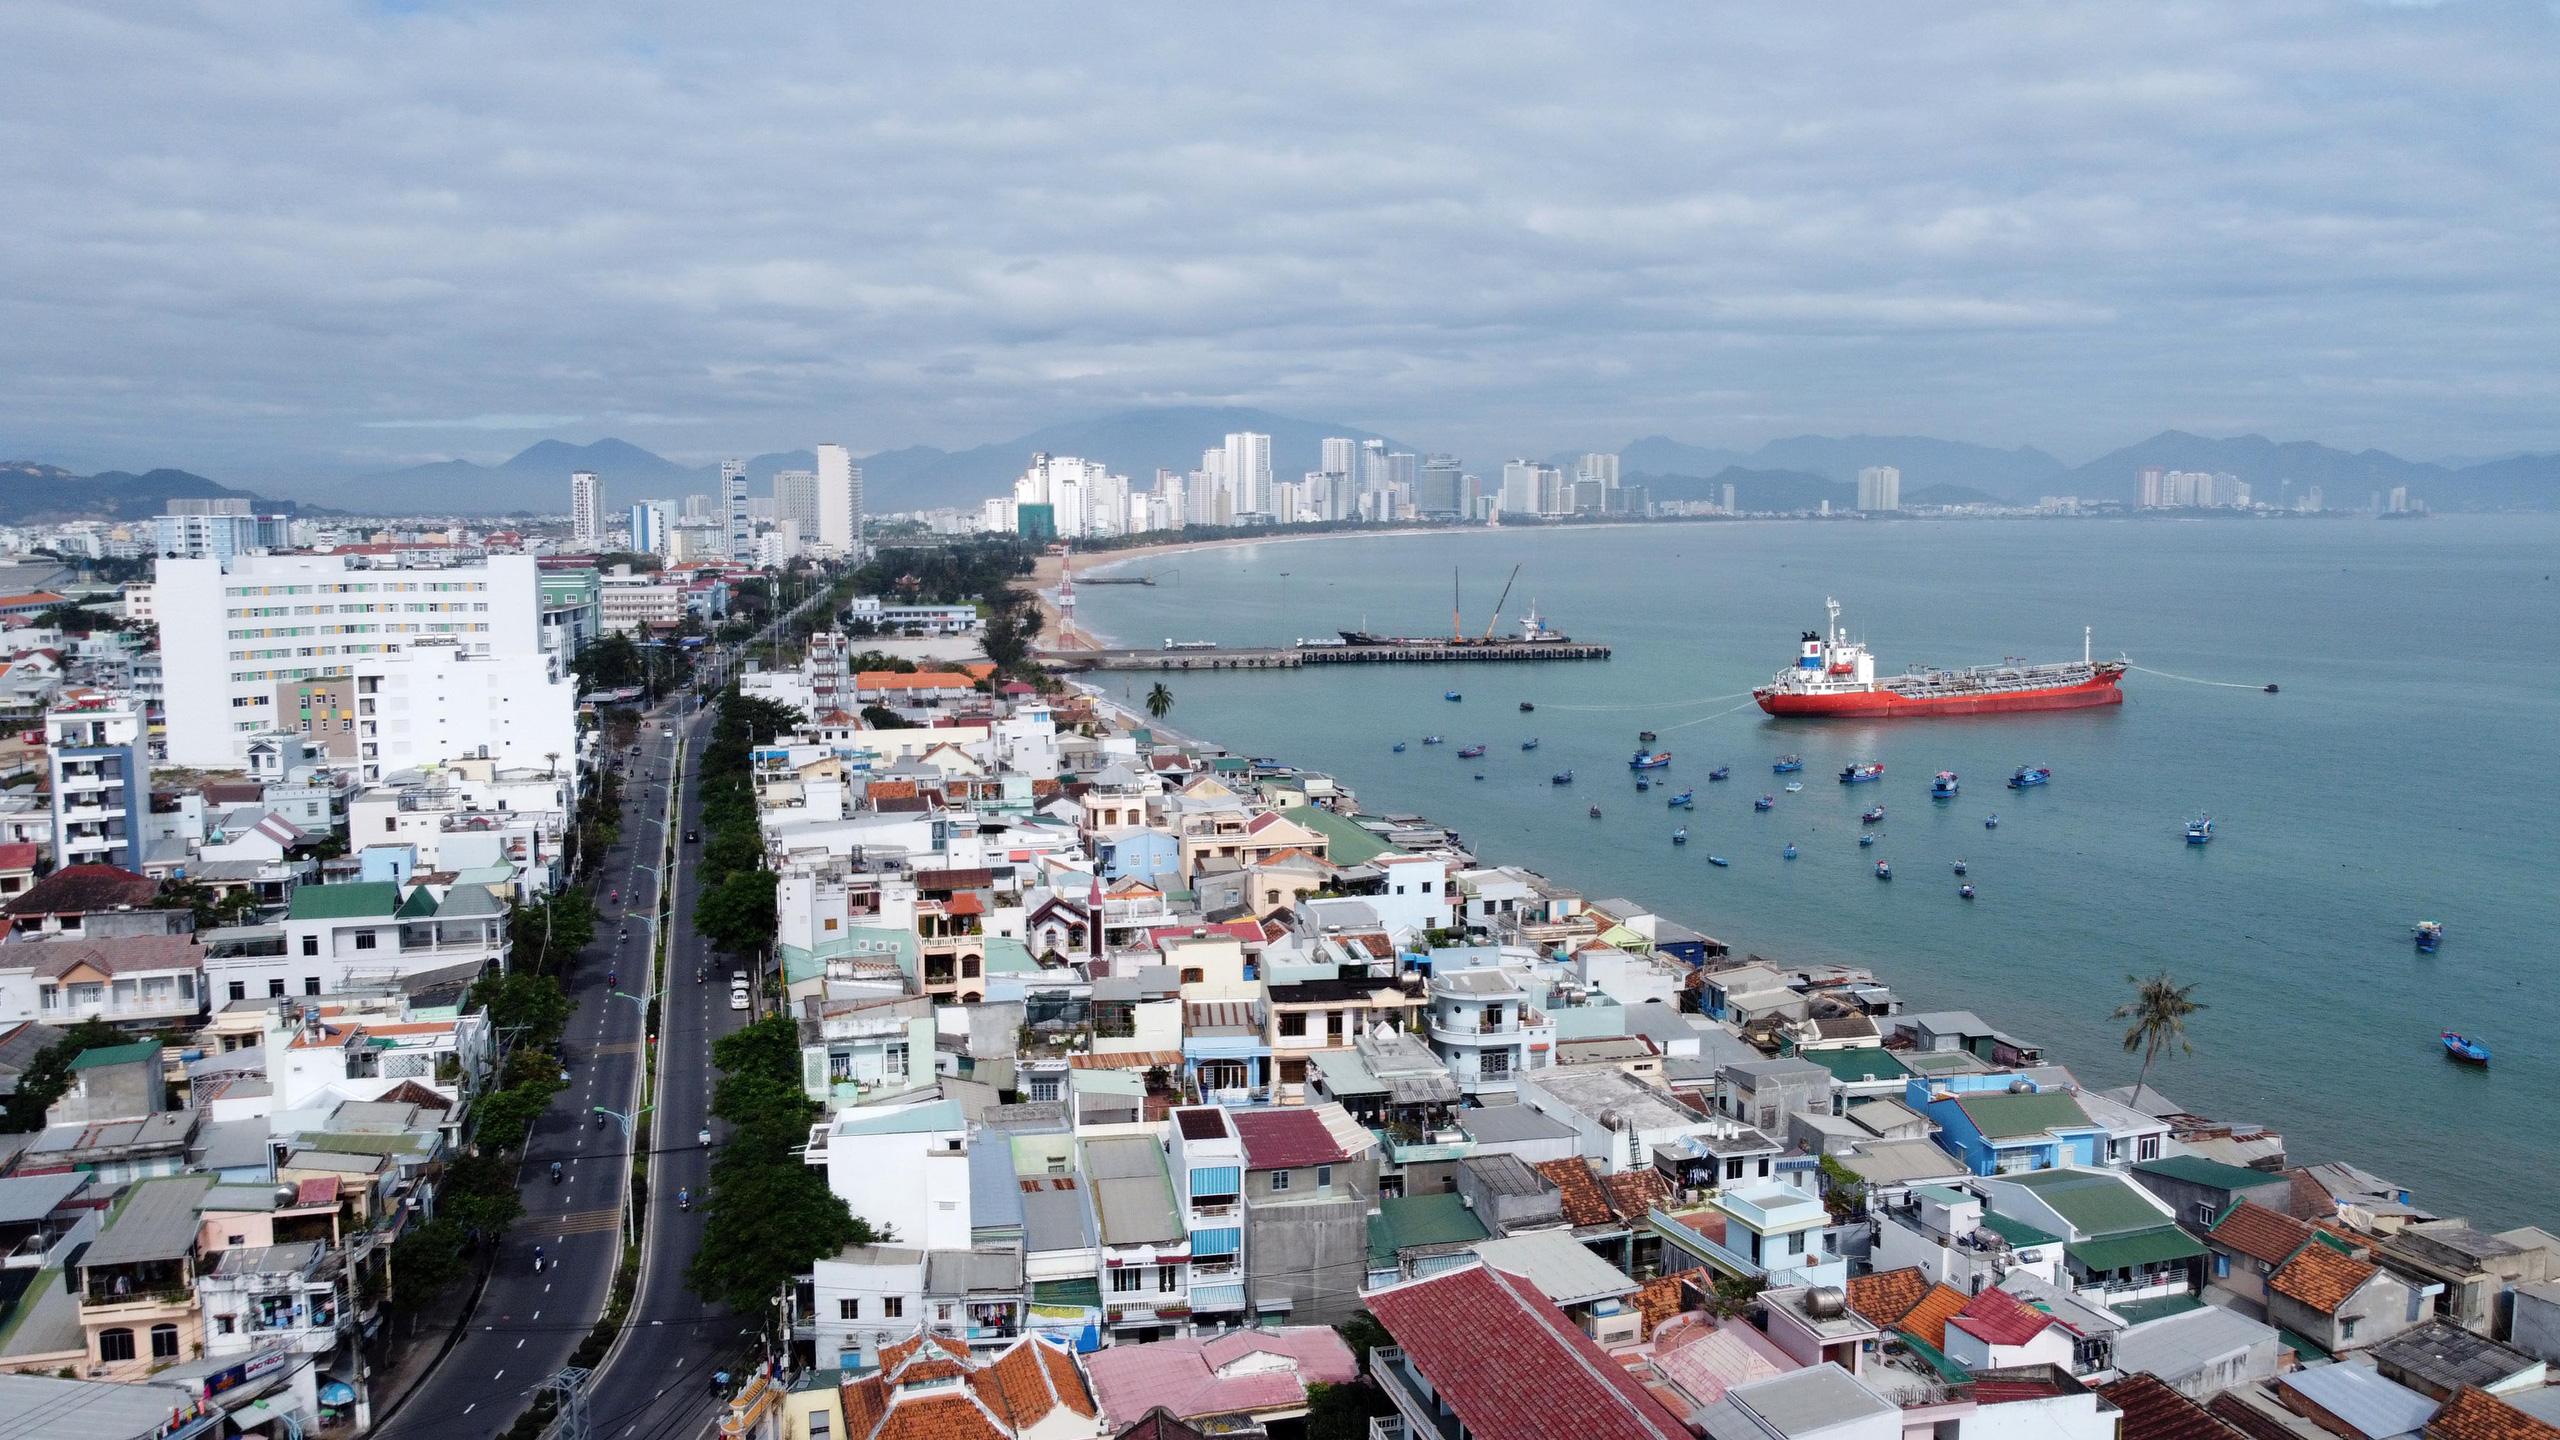 Cần 61 tỷ đồng để lập quy hoạch Khánh Hòa thời kỳ 2021 - 2030 - Ảnh 2.